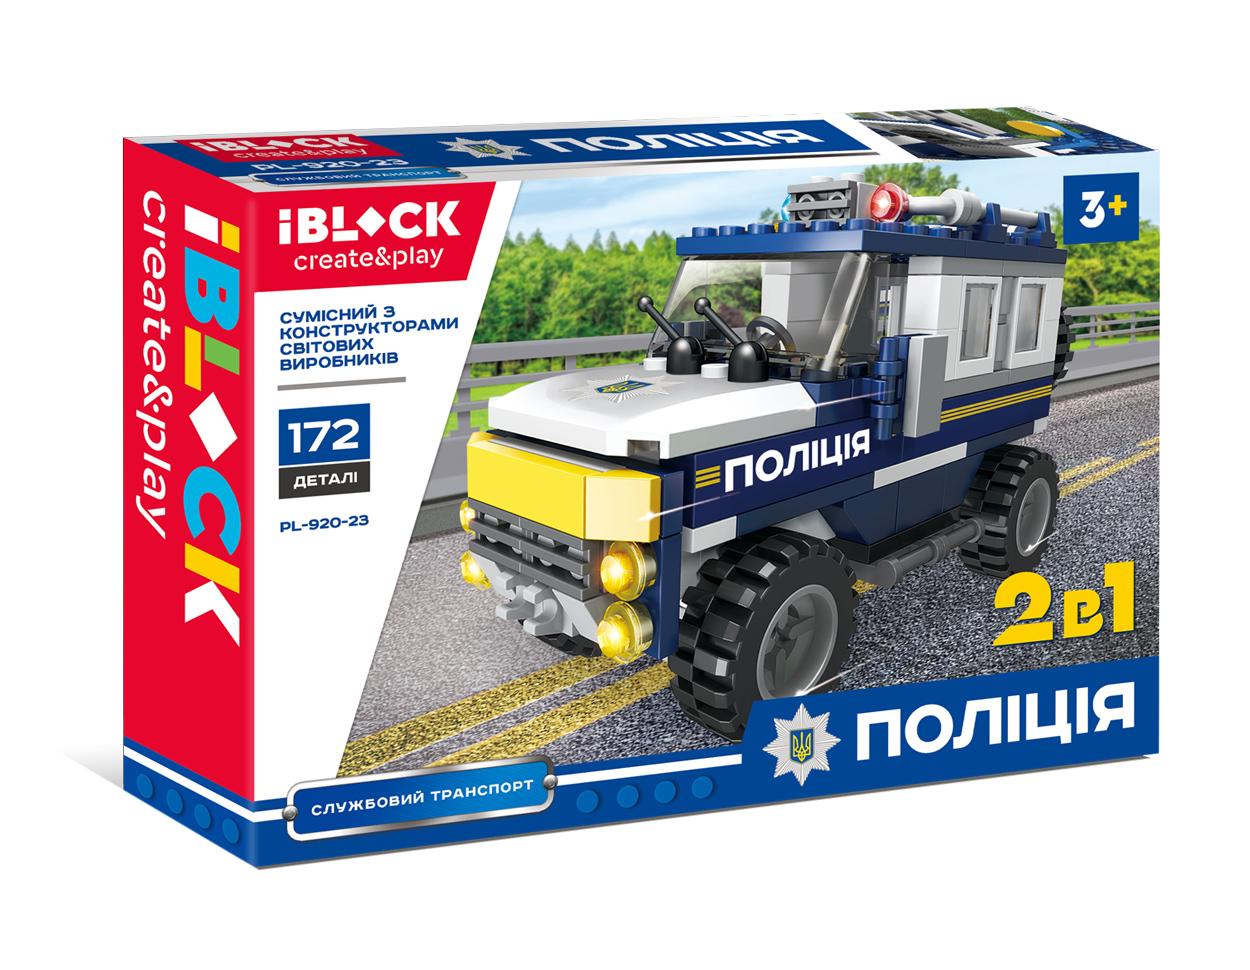 Конструктор IBLOCK Поліція PL-920-23